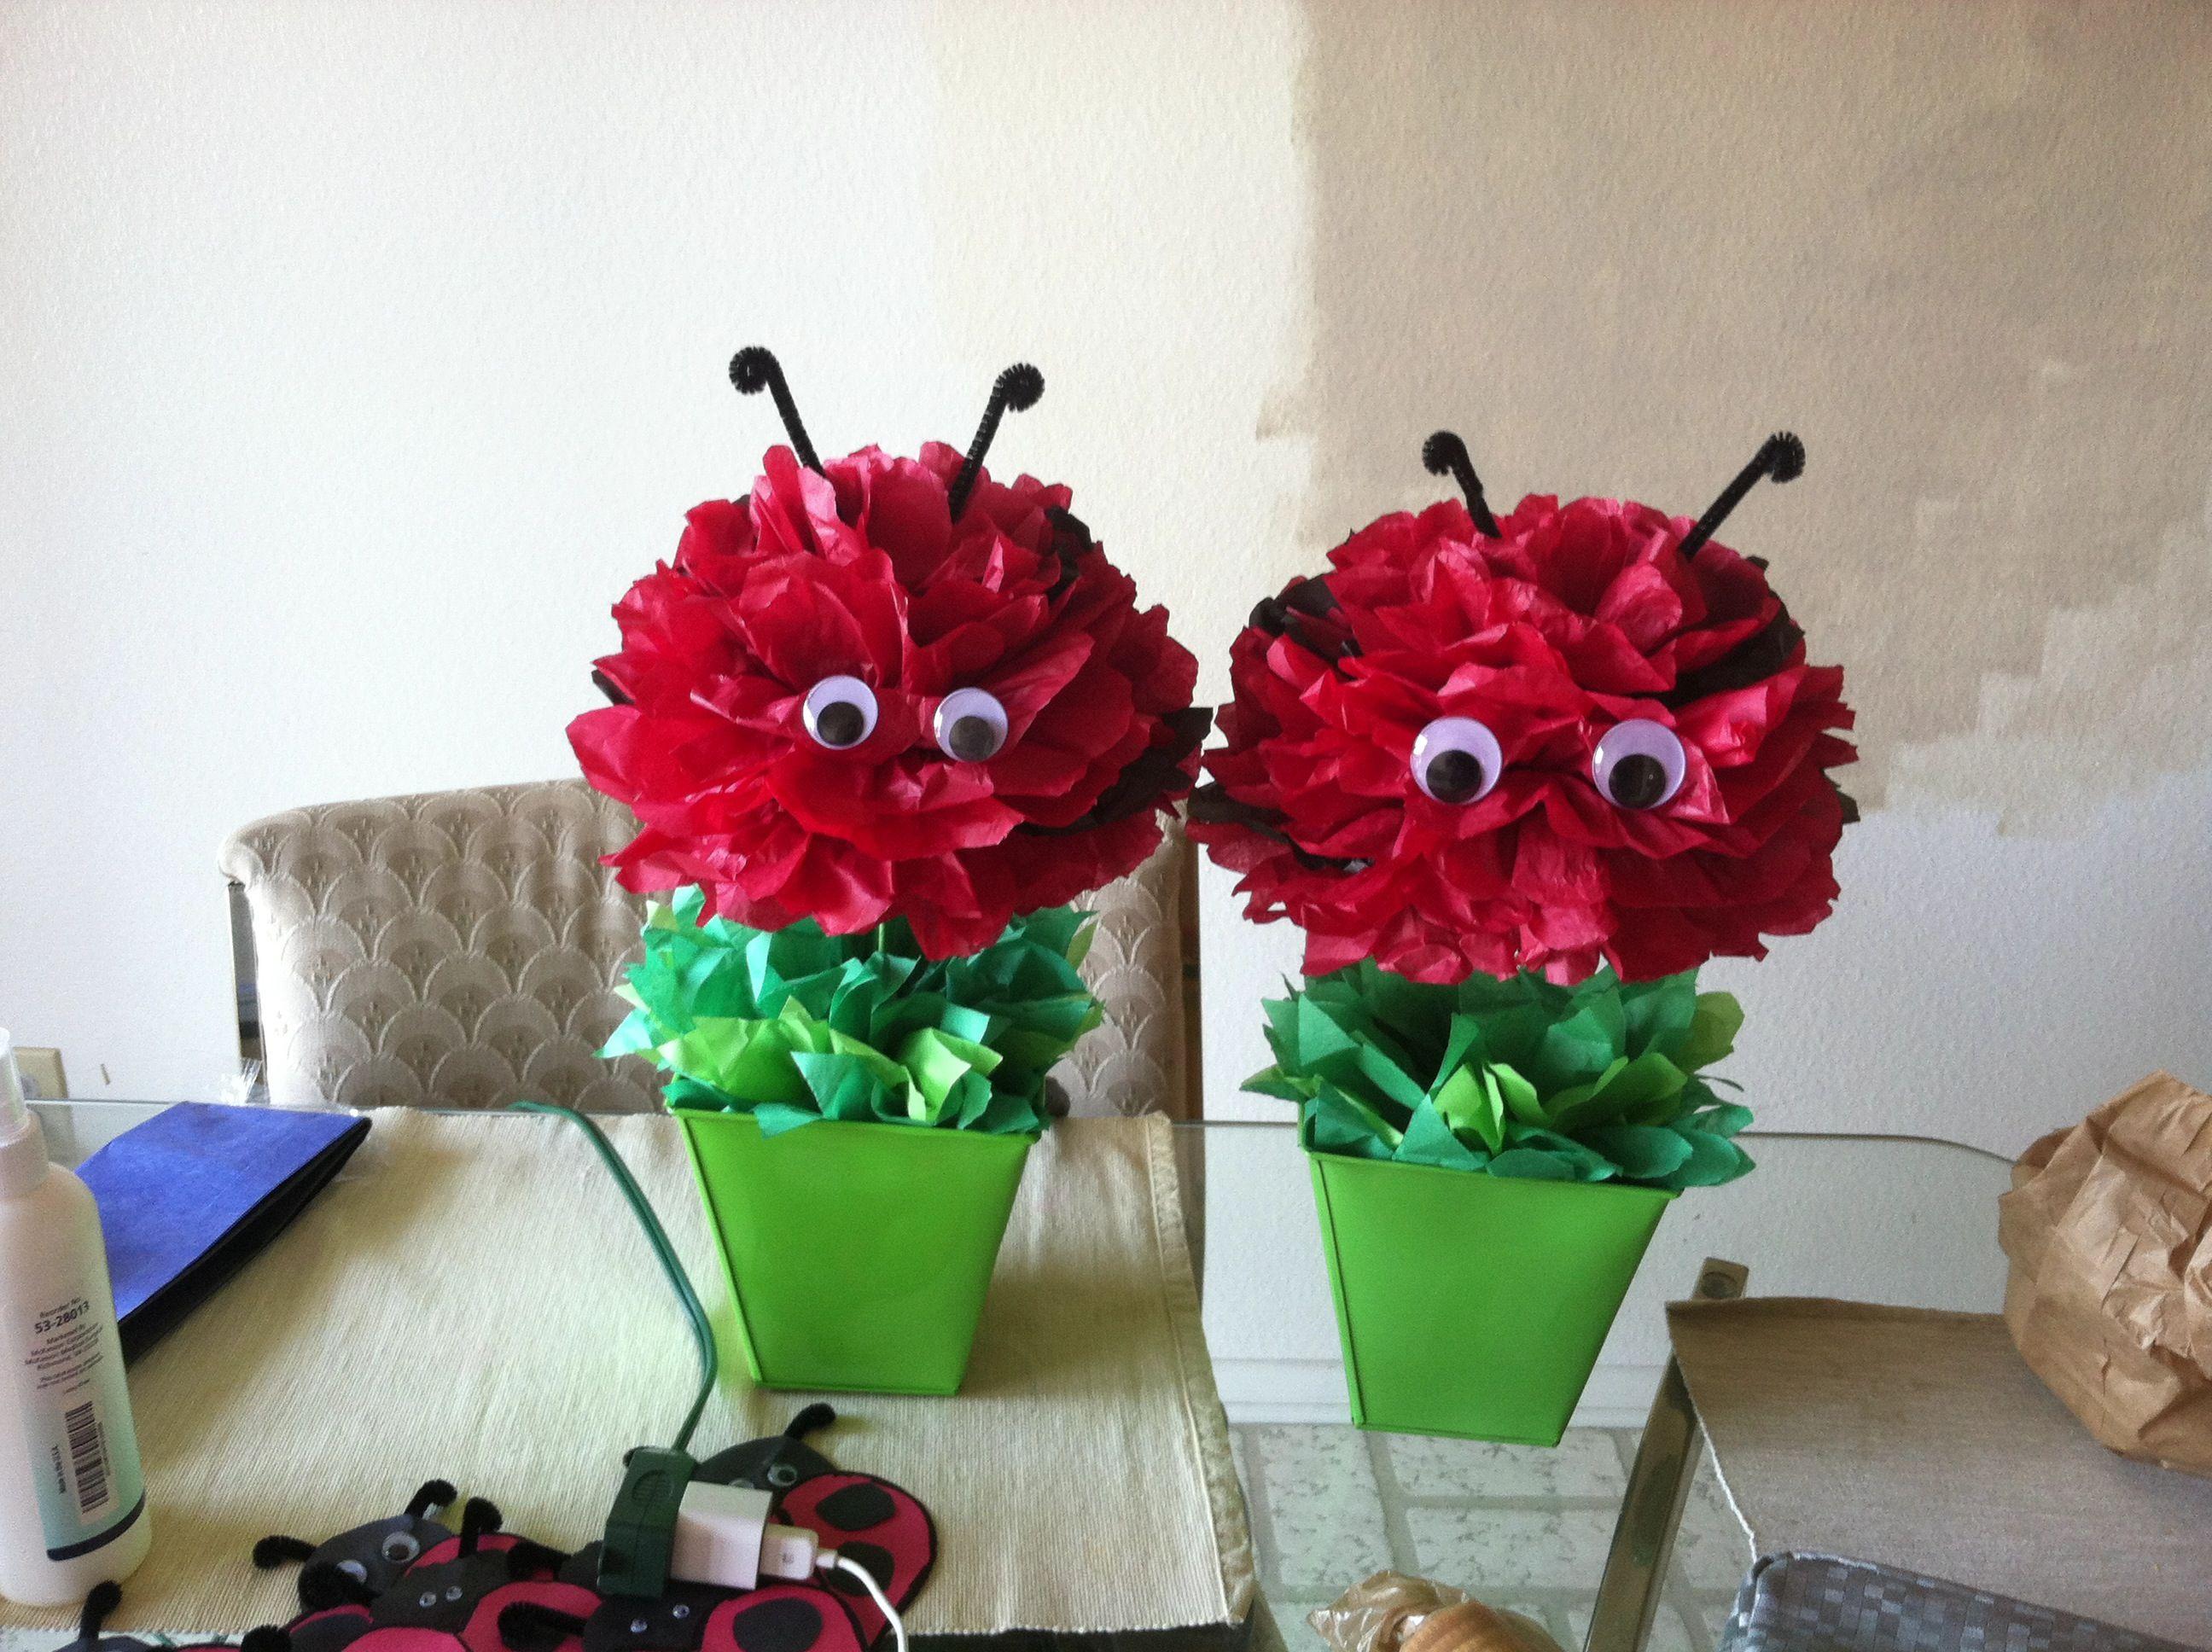 Lady bug de papel china decoraciones para fiestas - Decoraciones de papel ...